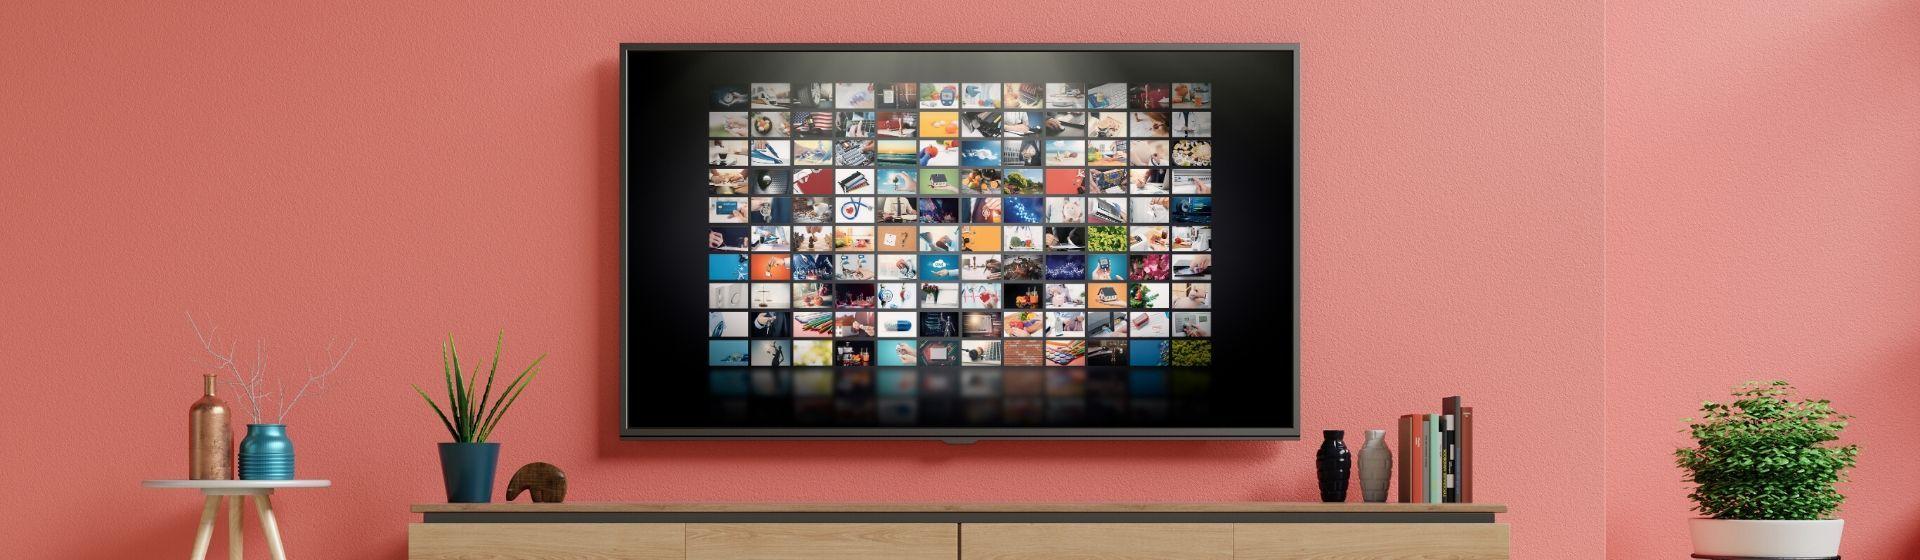 Dia das Mães 2020: melhores smart TVs custo-benefício para presentear